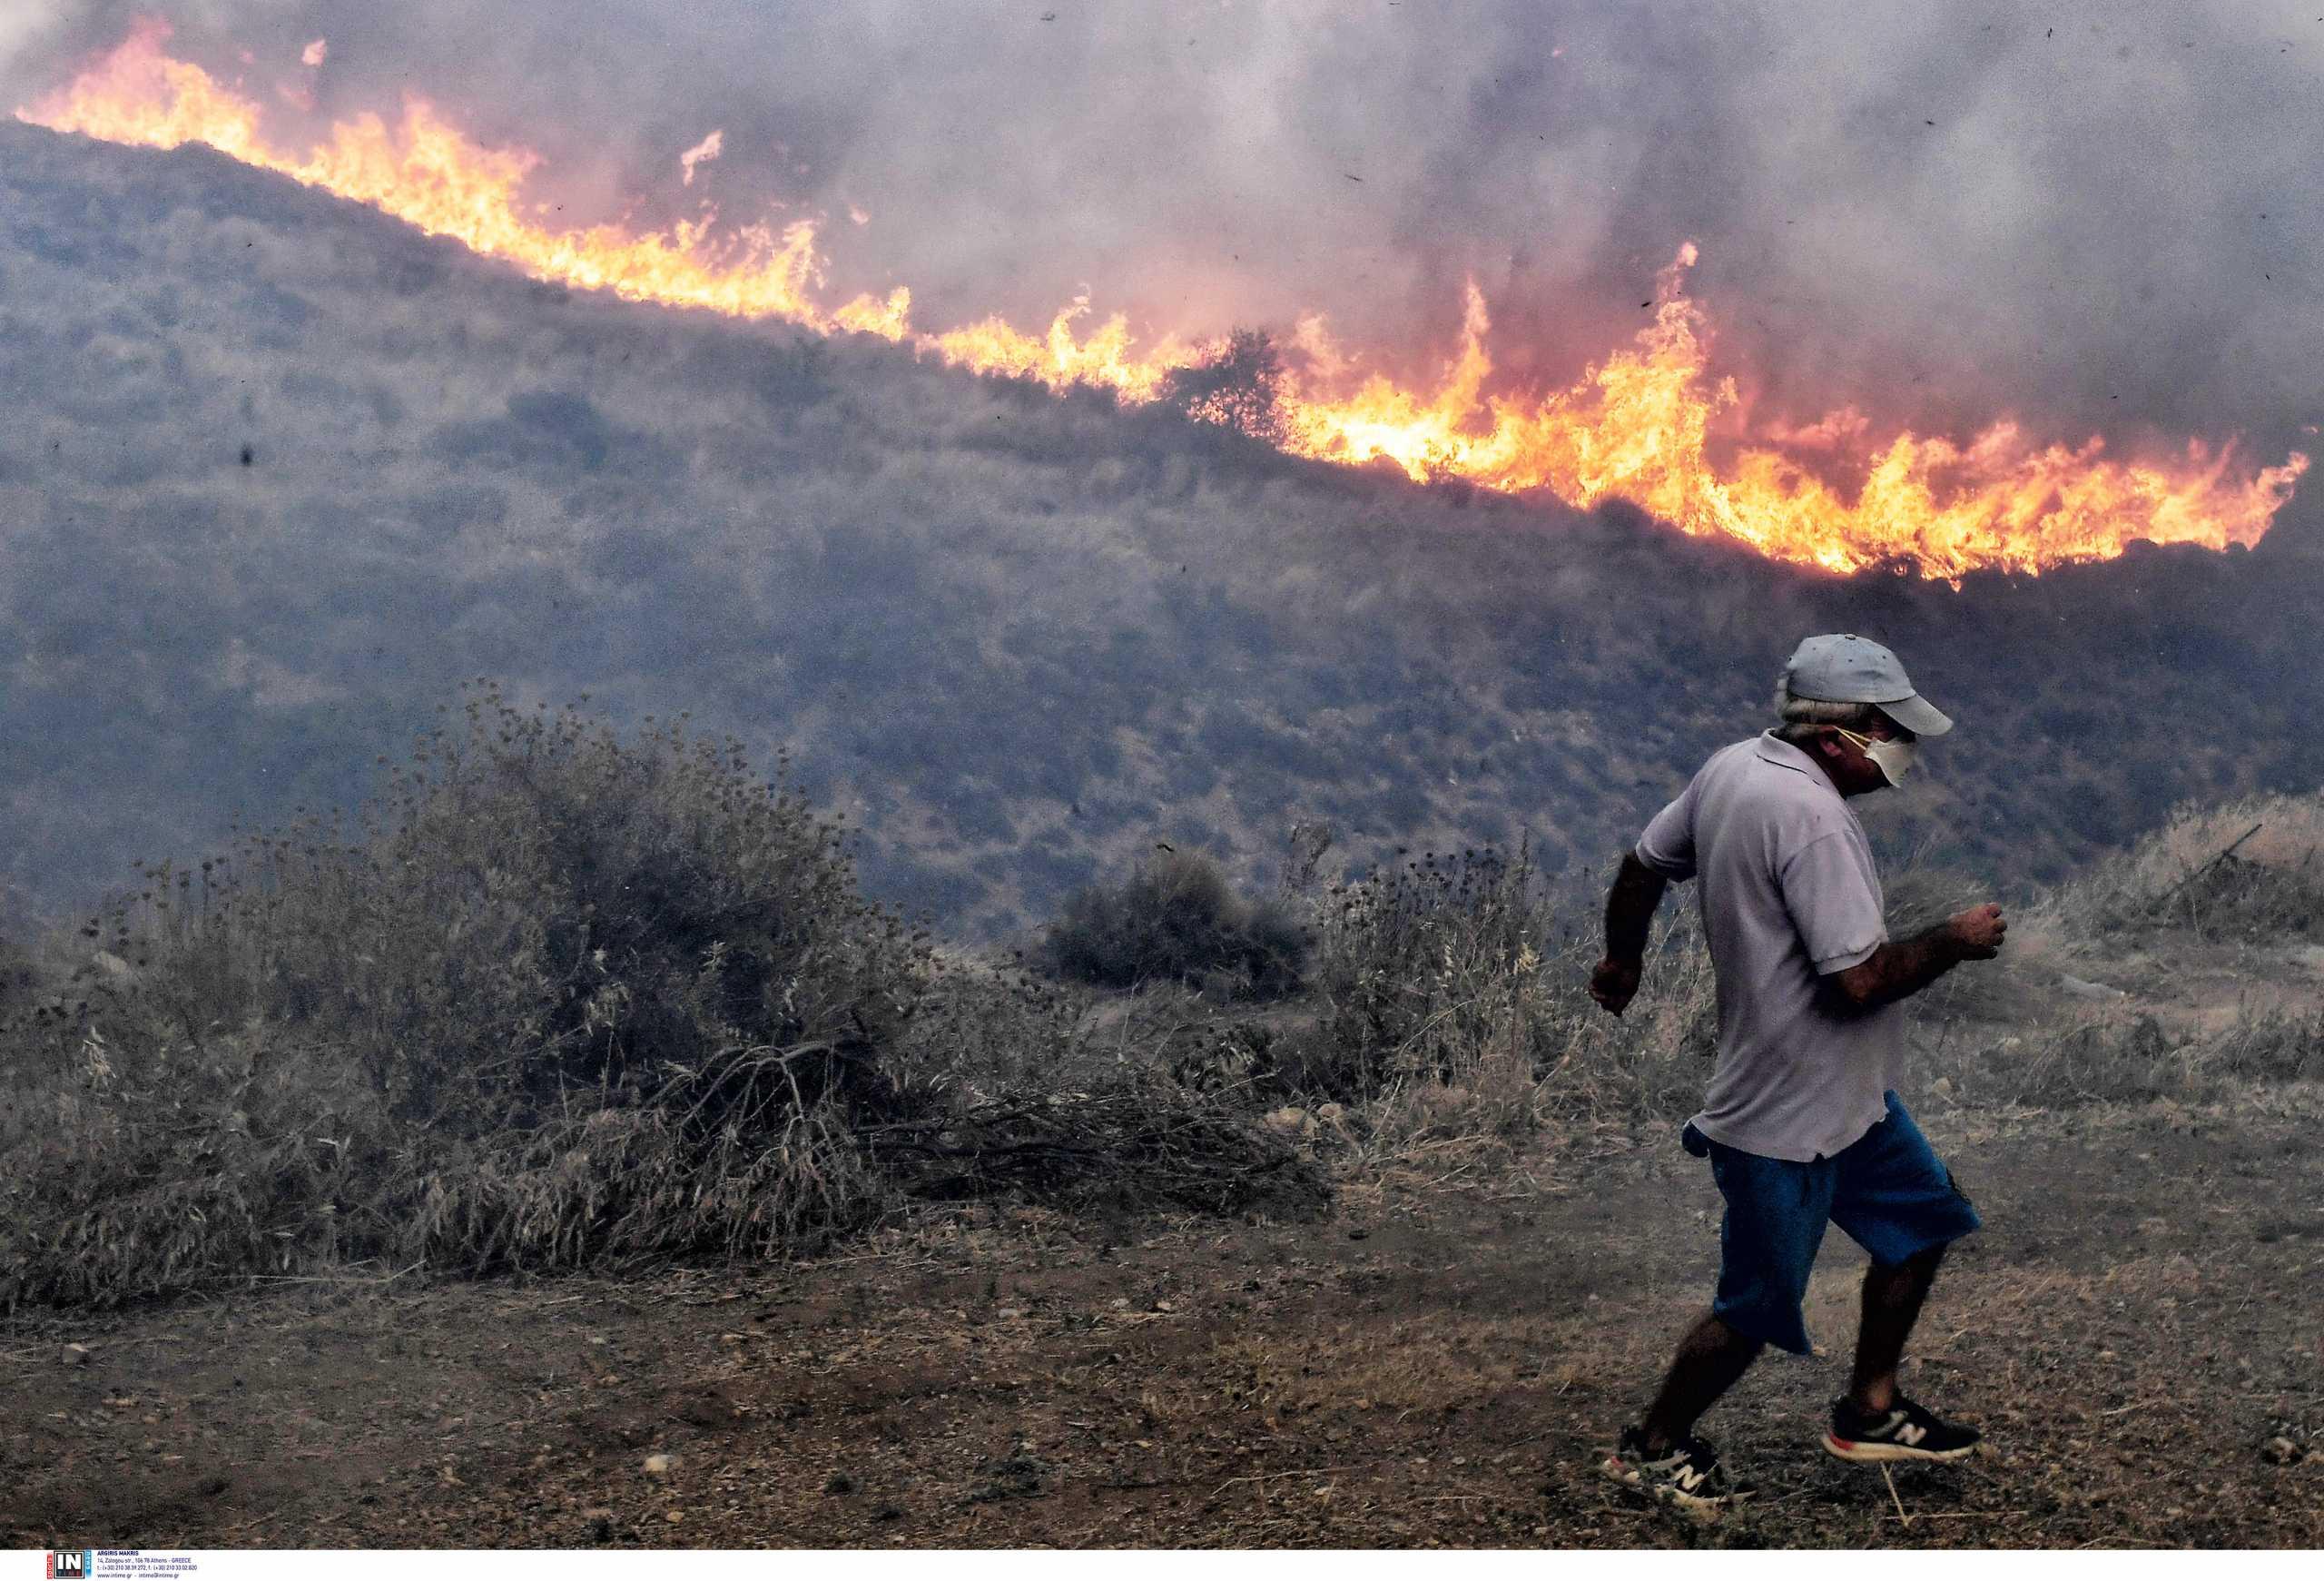 Αυξημένη η πιθανότητα σοβαρής νόσησης από κορονοϊό στις πυρόπληκτες περιοχές